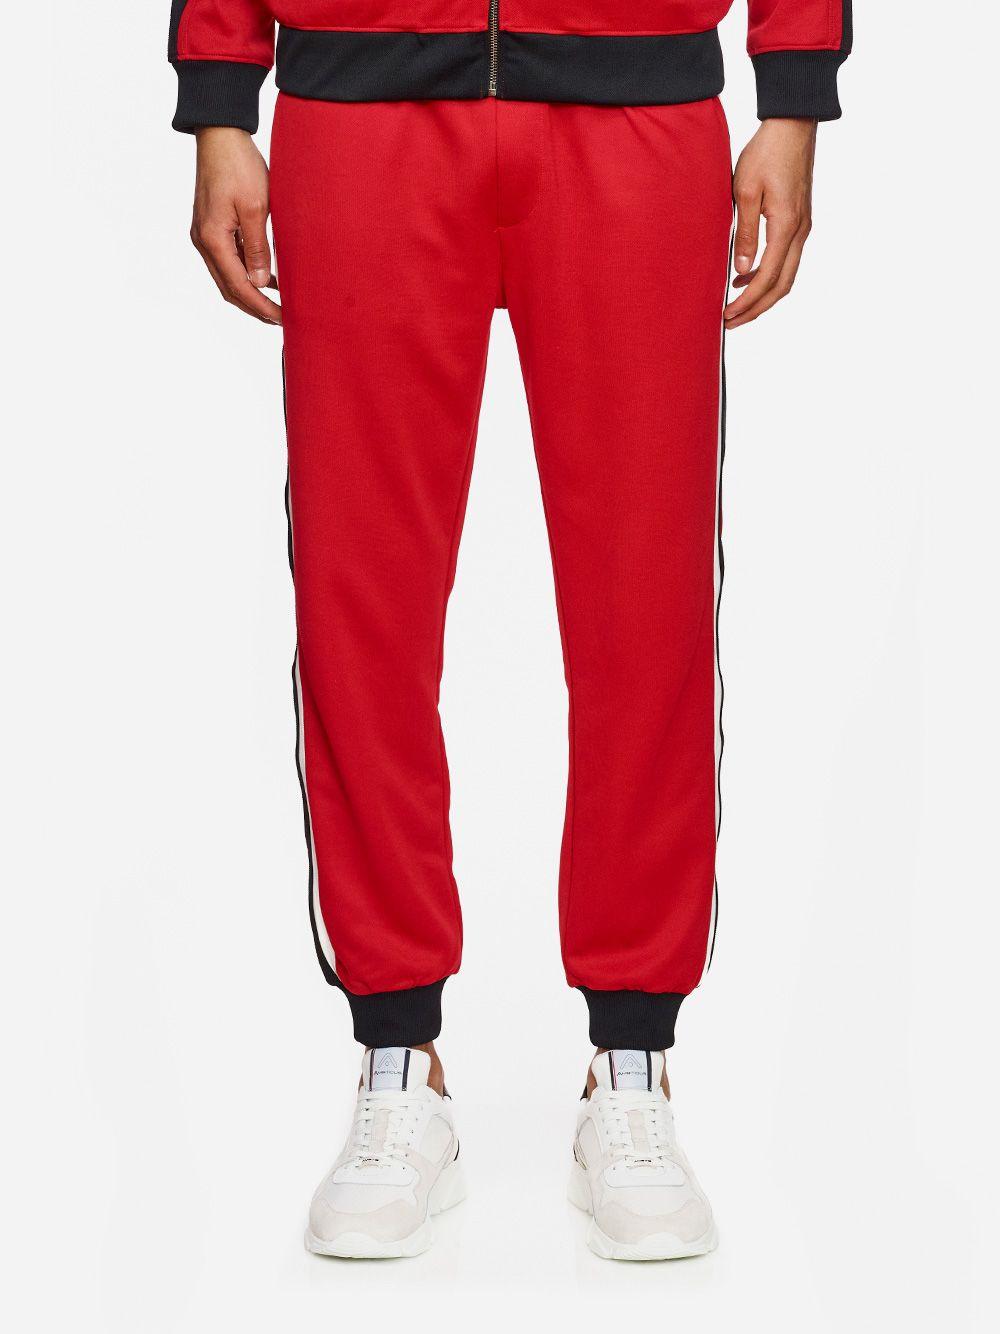 Calças Vermelhas Riscas   AMBITIOUS